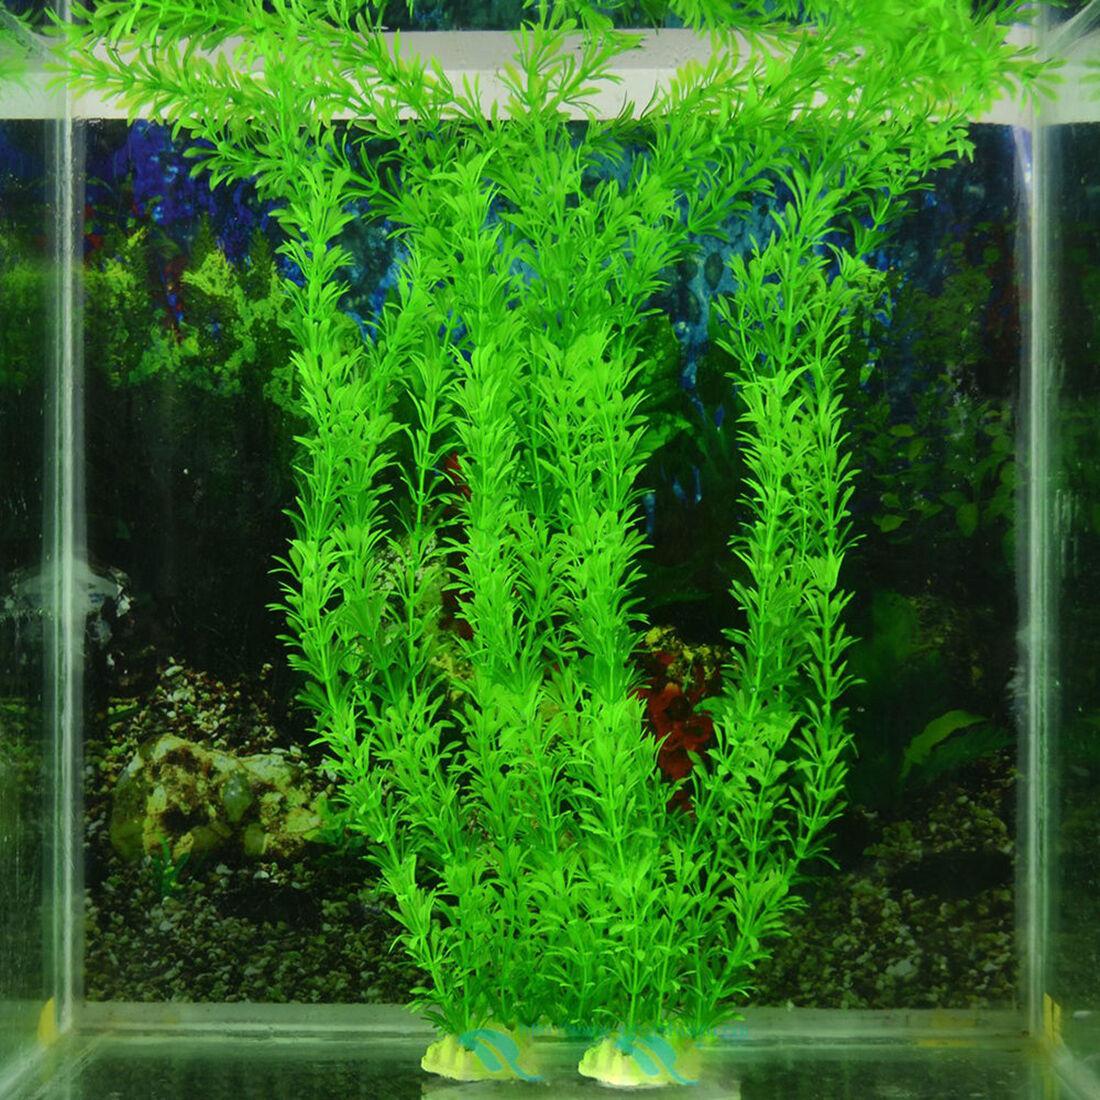 Hot Ornament Artificial Plant Grass Coral Lotus for Fish Tank Aquarium Decor